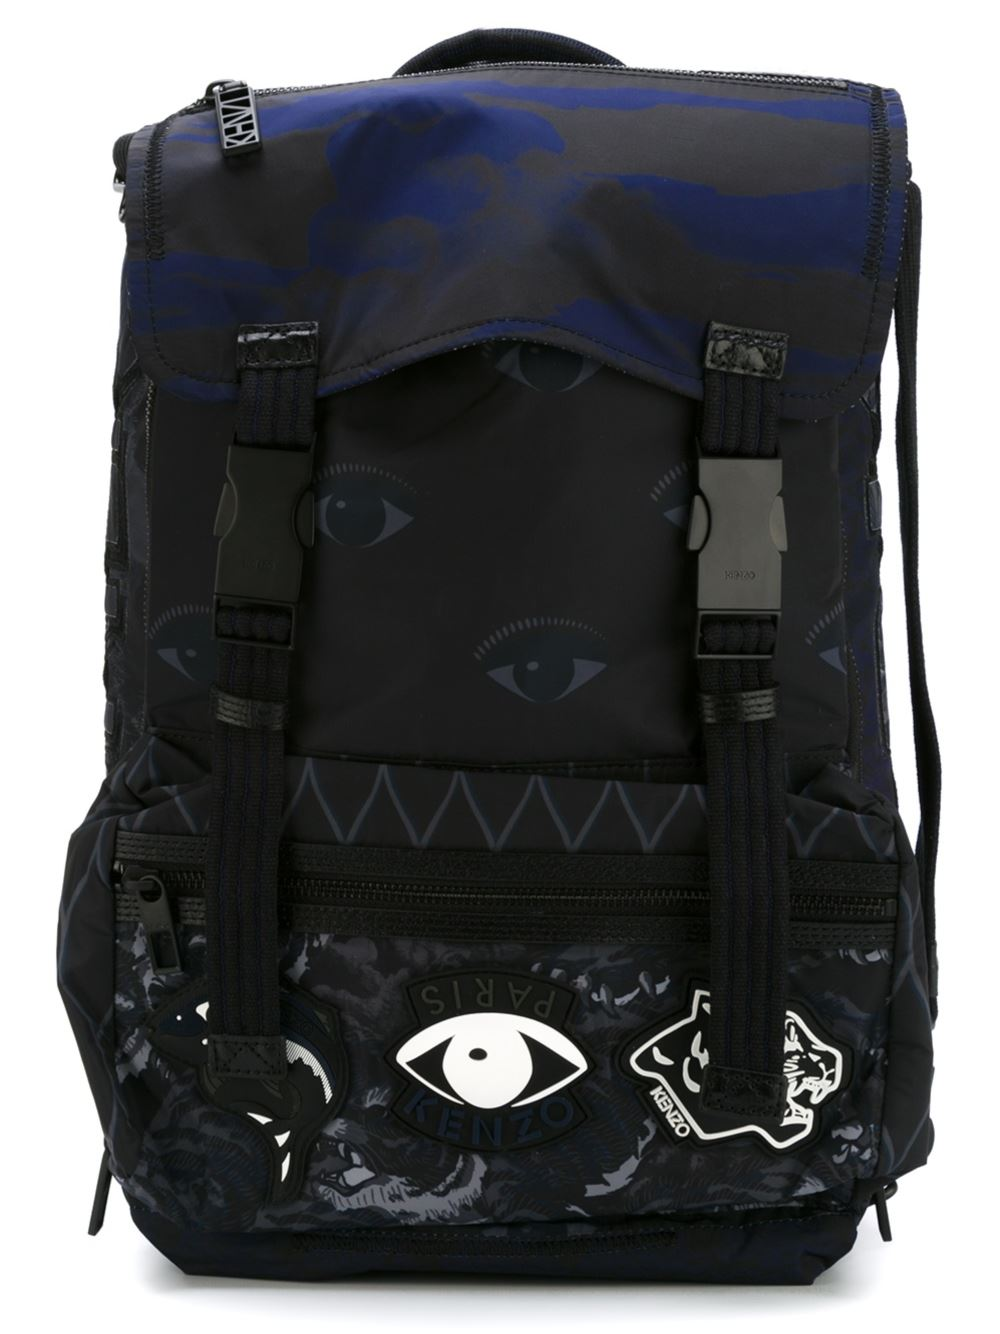 Kenzo sac à main homme en cuir noir tE09S1Uxu